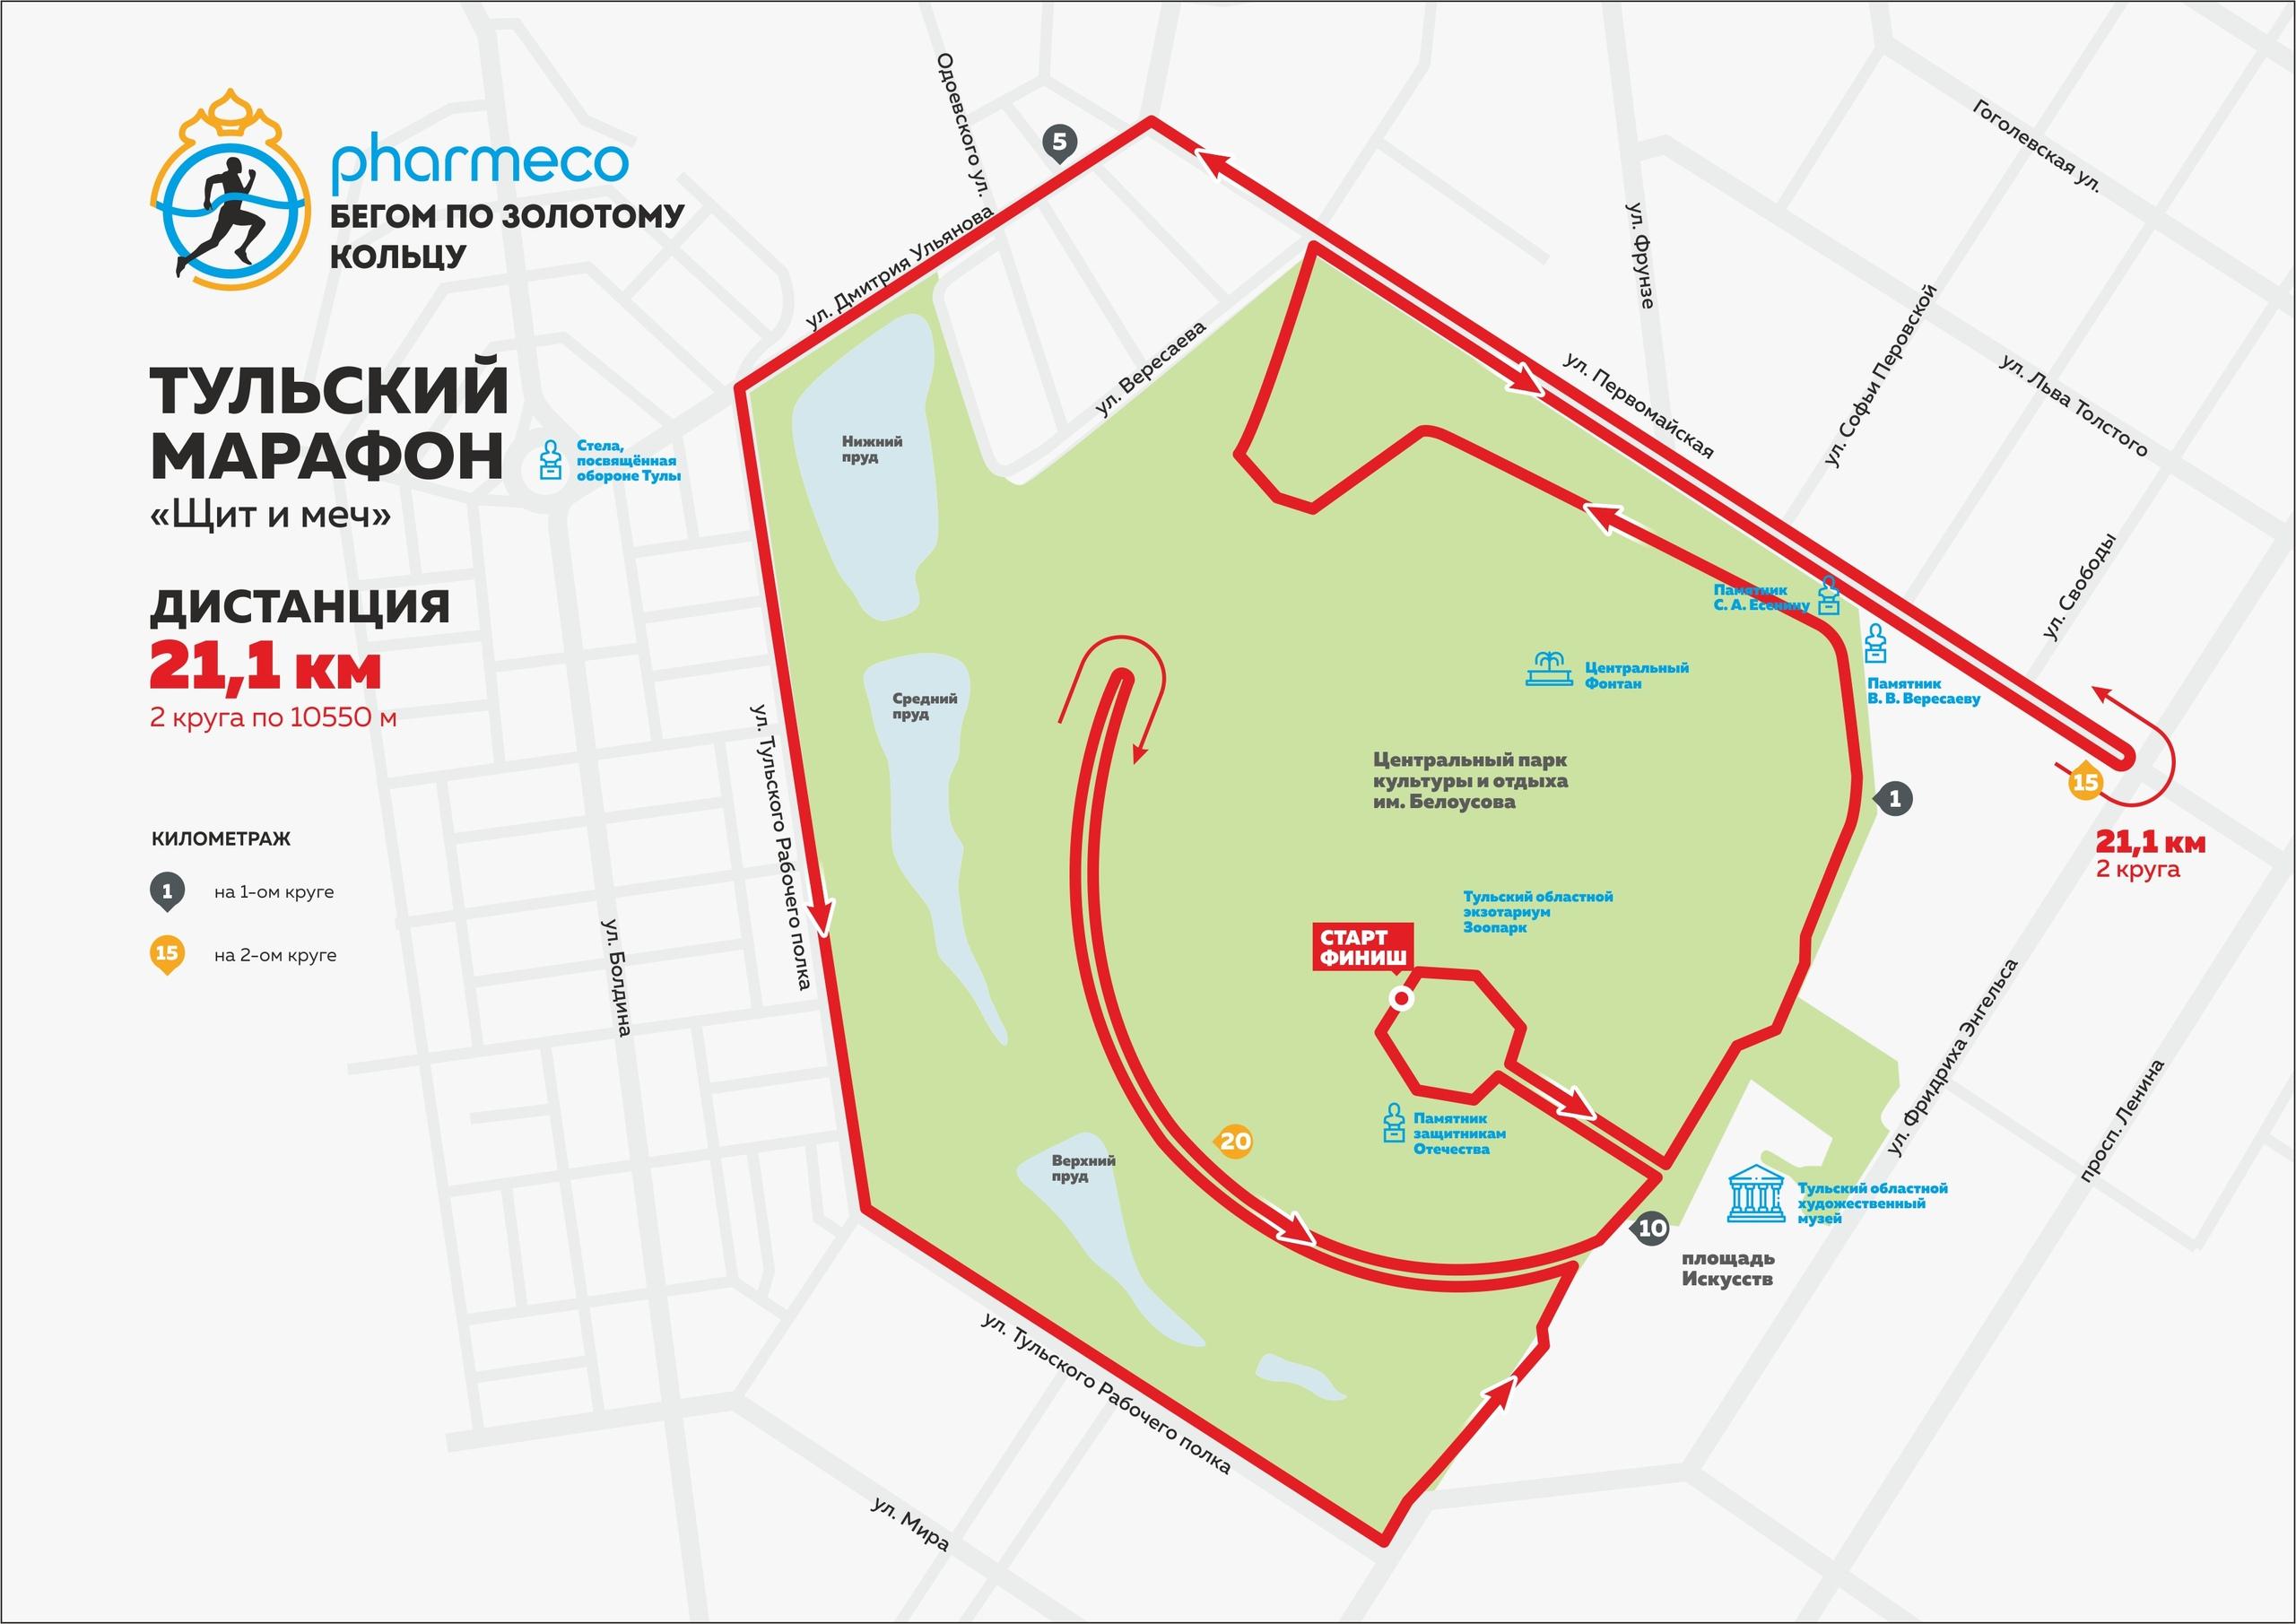 Дистанция 21,1 км Тульского марафона